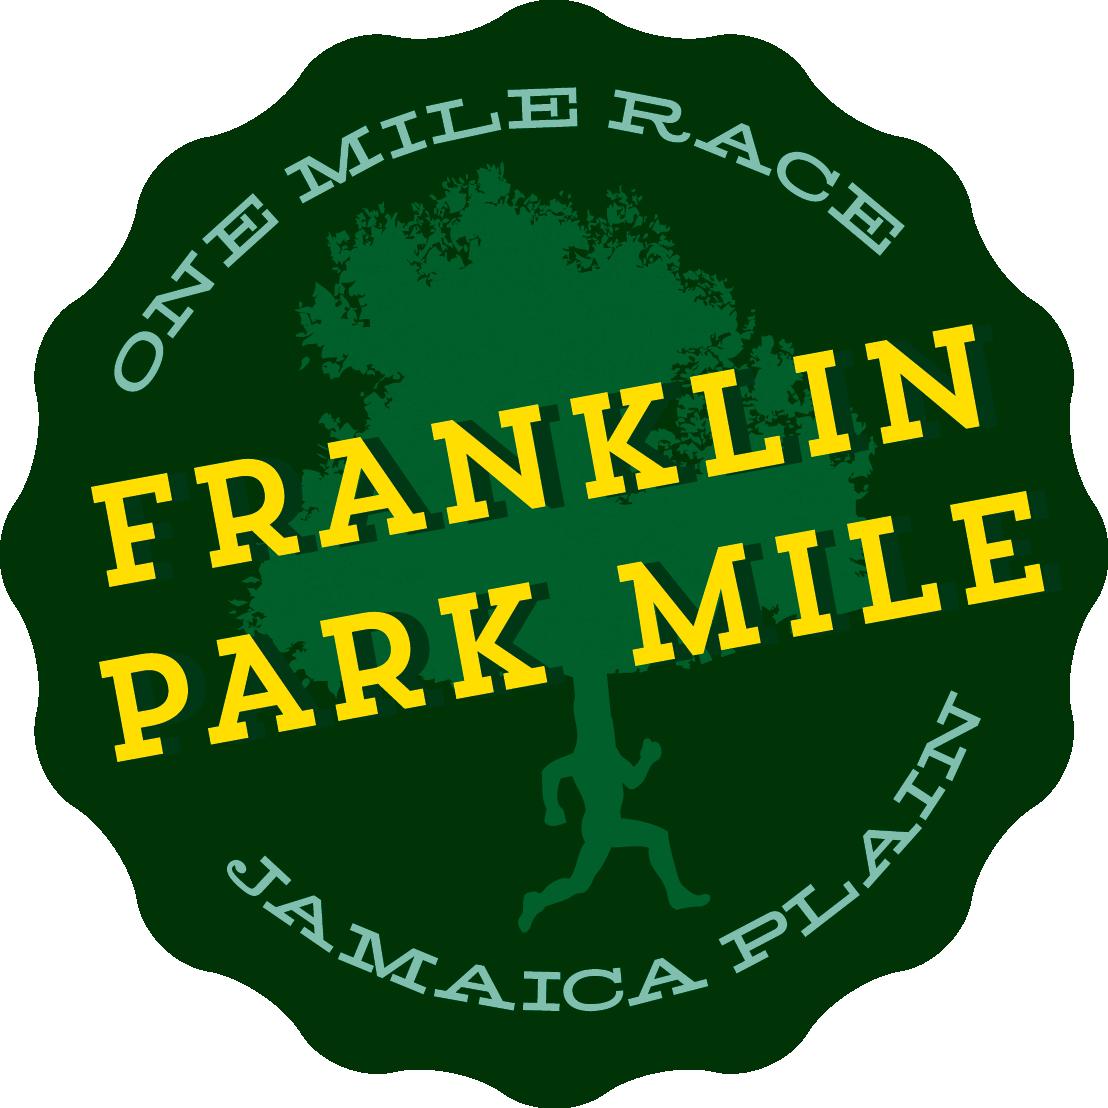 Fpm full logo round